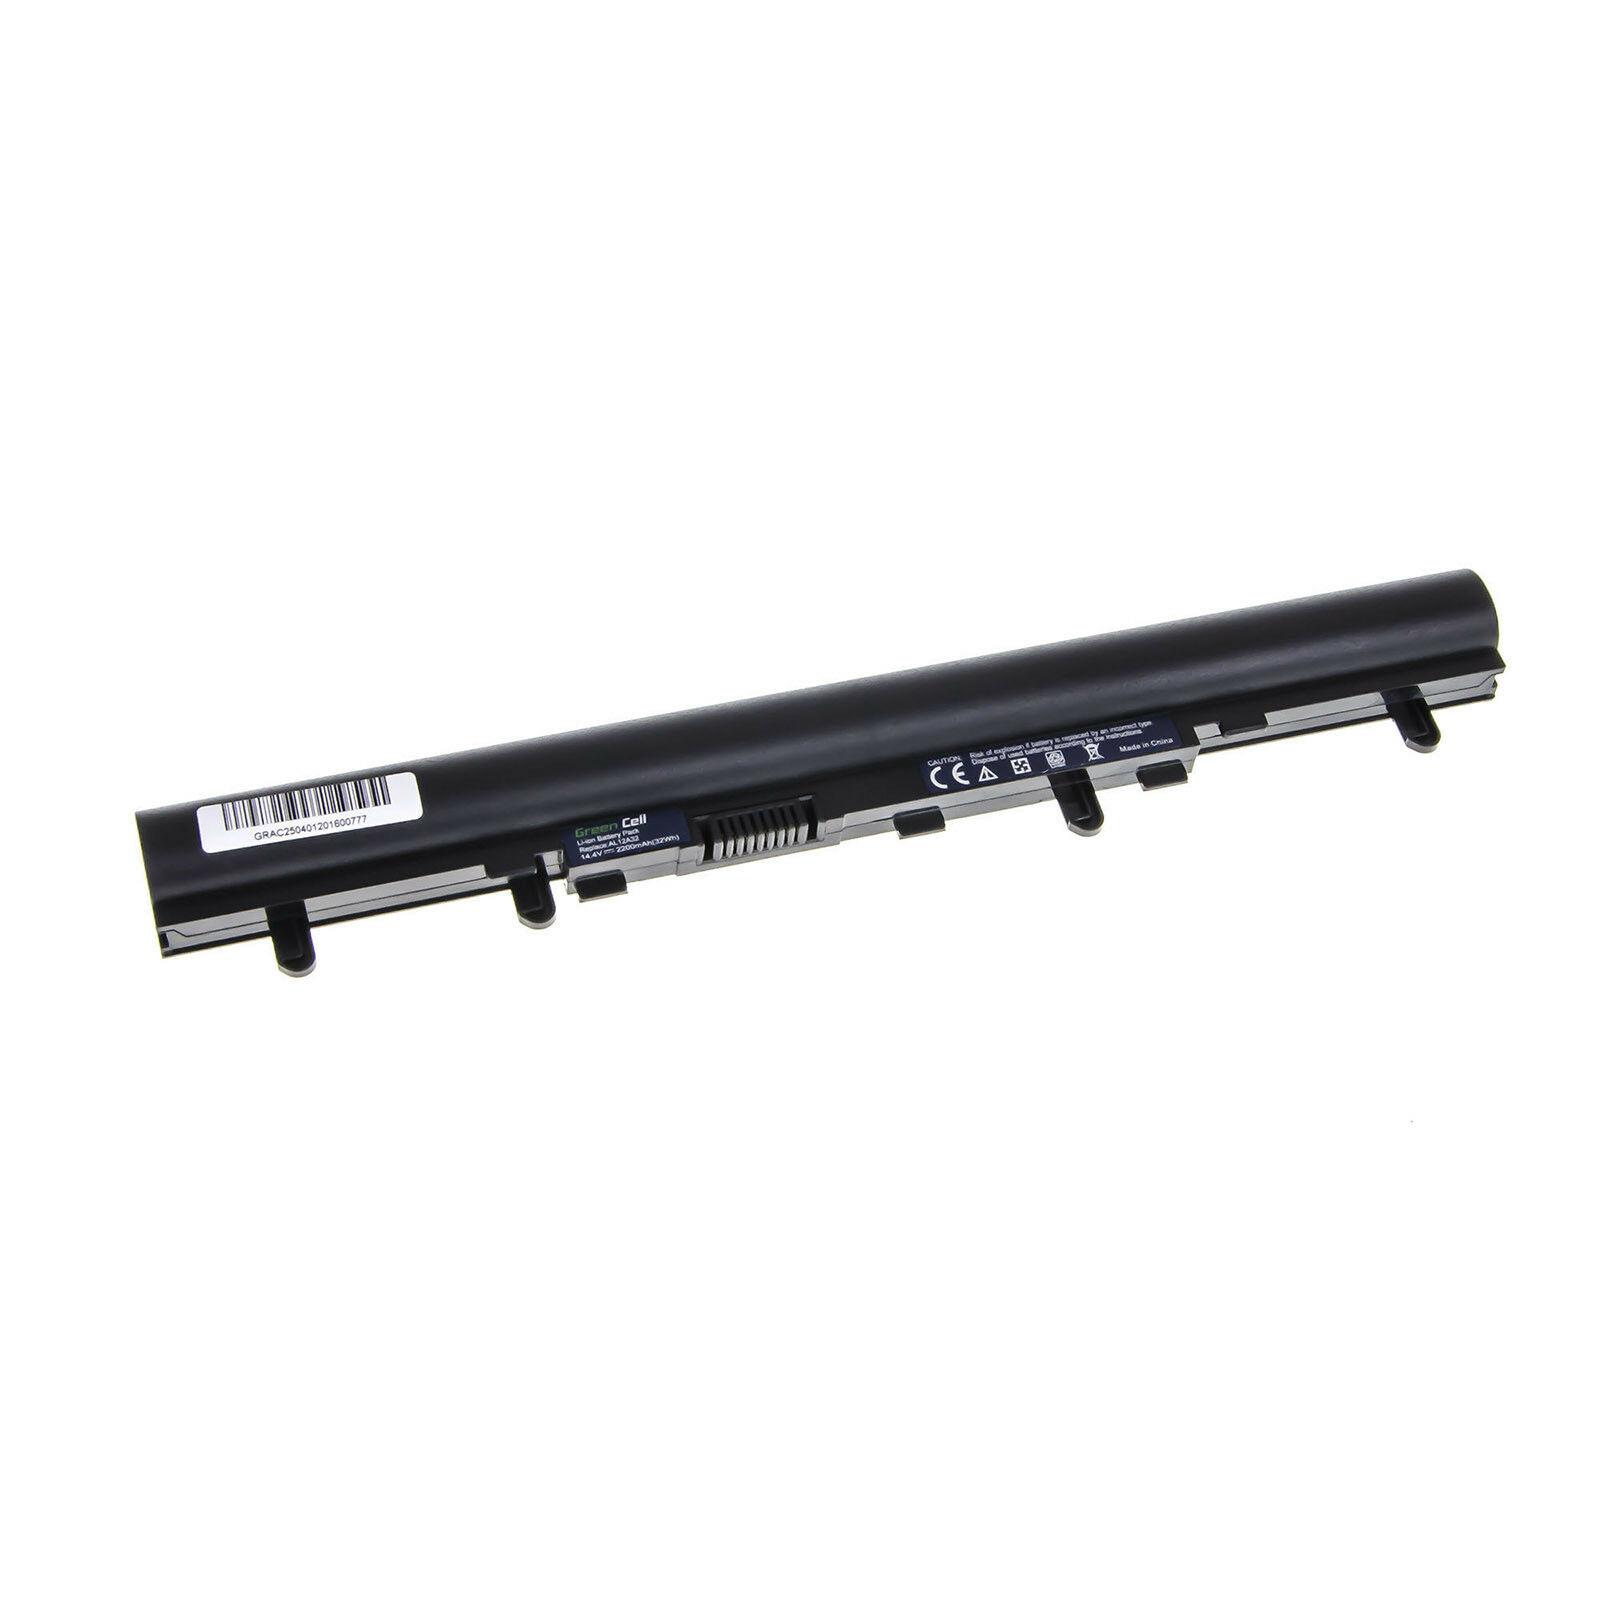 Batería para Acer Aspire V5 571P 6642 6657 6831 6835 6887 6888 571PG 9814 9661(compatible)